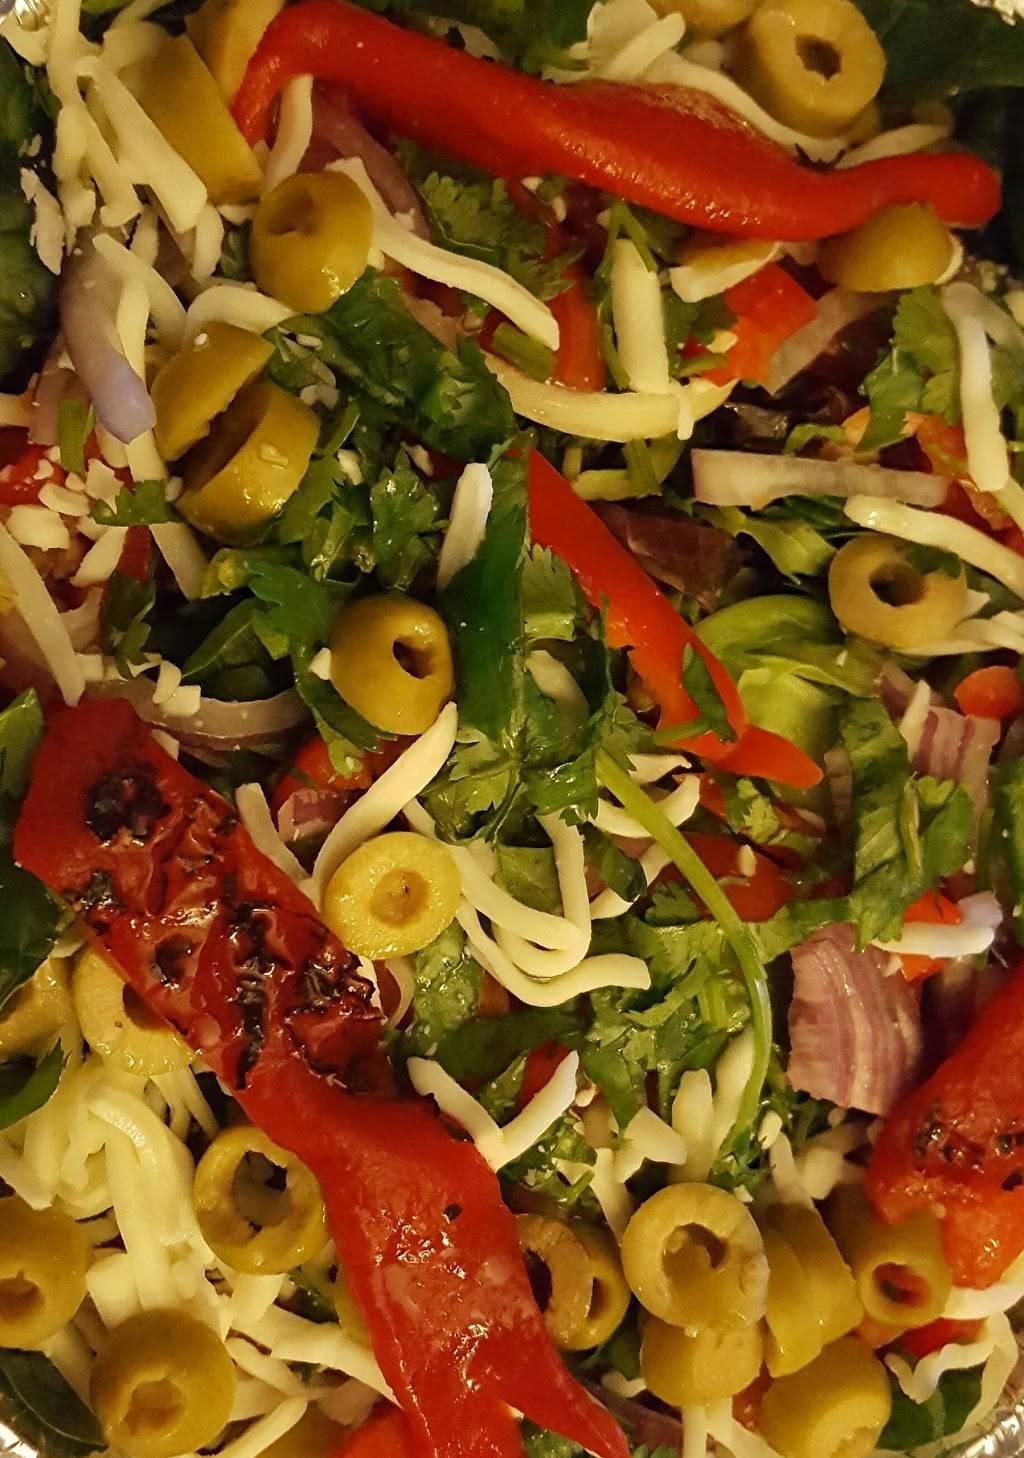 Joseph Pizza Restaurant   restaurant   189 Hudson St, Hackensack, NJ 07601, USA   2014886200 OR +1 201-488-6200